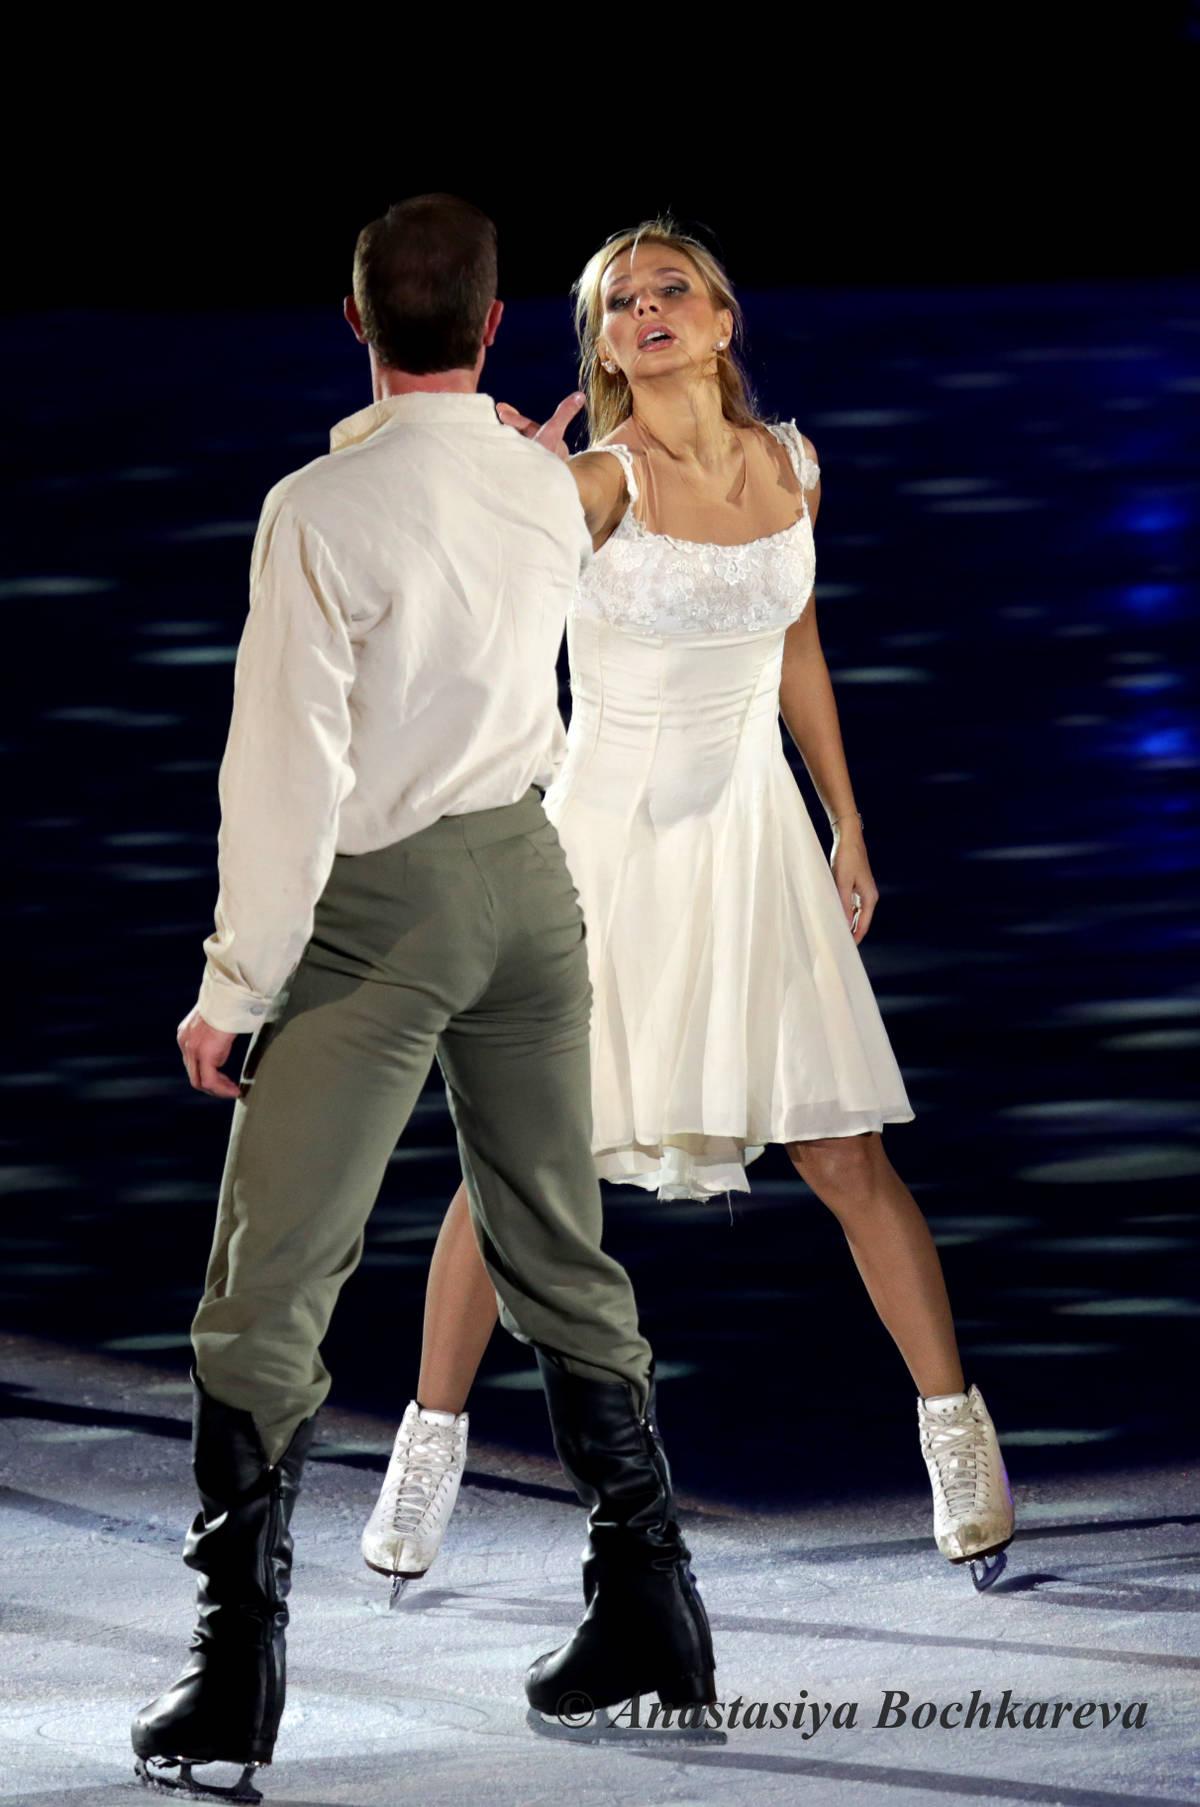 Хрустальный лед, шоу 2007-2014 годов - Страница 4 4ac933886c3d